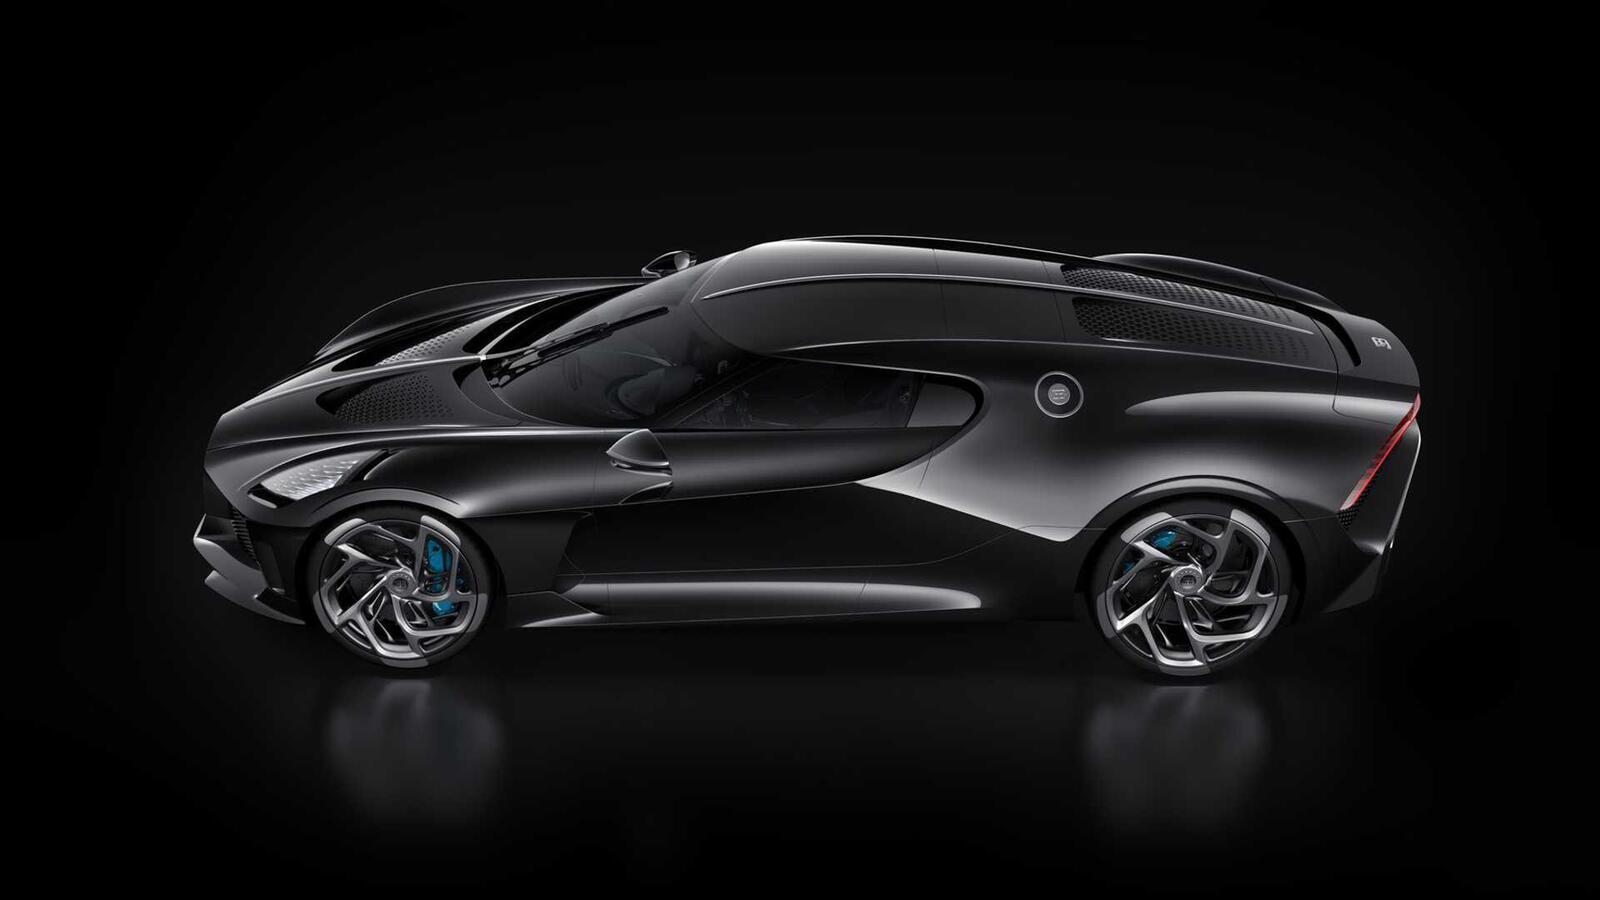 [GMS2019] Siêu phẩm Bugatti La Voatio Noire ra mắt: Chỉ một chiếc được sản xuất; giá hơn 259 tỷ đồng - Hình 12